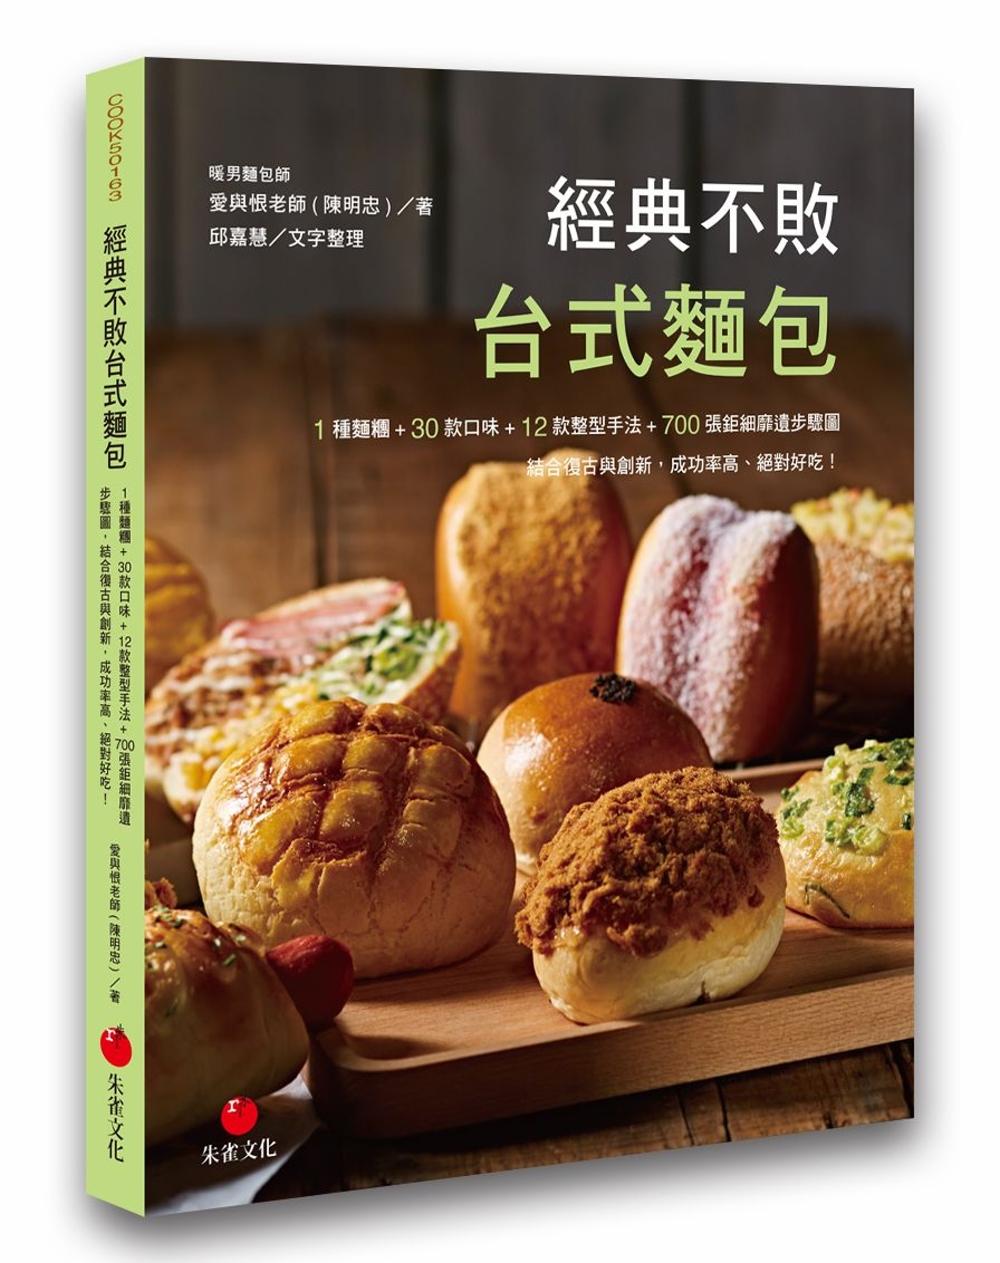 經典不敗台式麵包:1 種麵糰 + 30 款口味 + 12 款整型手法 + 700 張鉅細靡遺步驟圖 結合復古與創新,成功率高、絕對好吃!